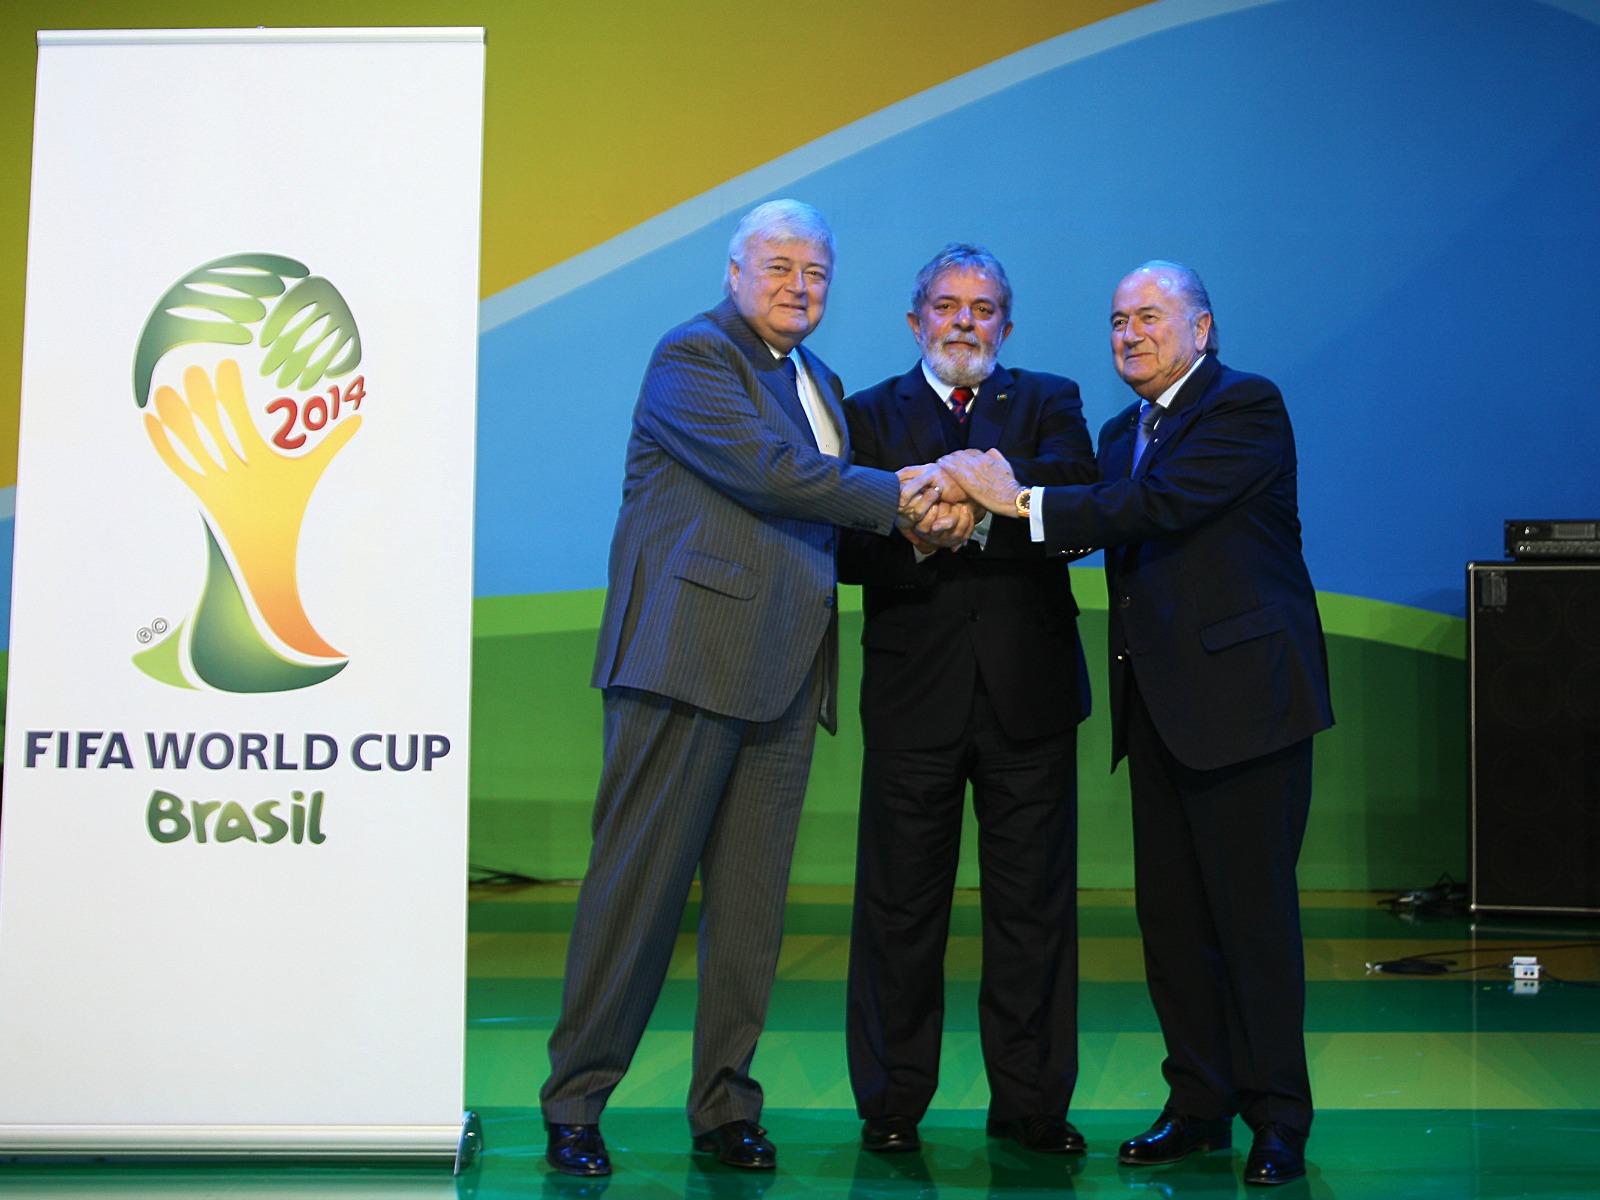 Le président Lula (au centre) et le président de la FIFA Seppe Blatter (à gauche) lors de la présidentation du logo du Mondial 2014 (Crédit photo : Ricardo Stuckert, Wikimedia Commons)